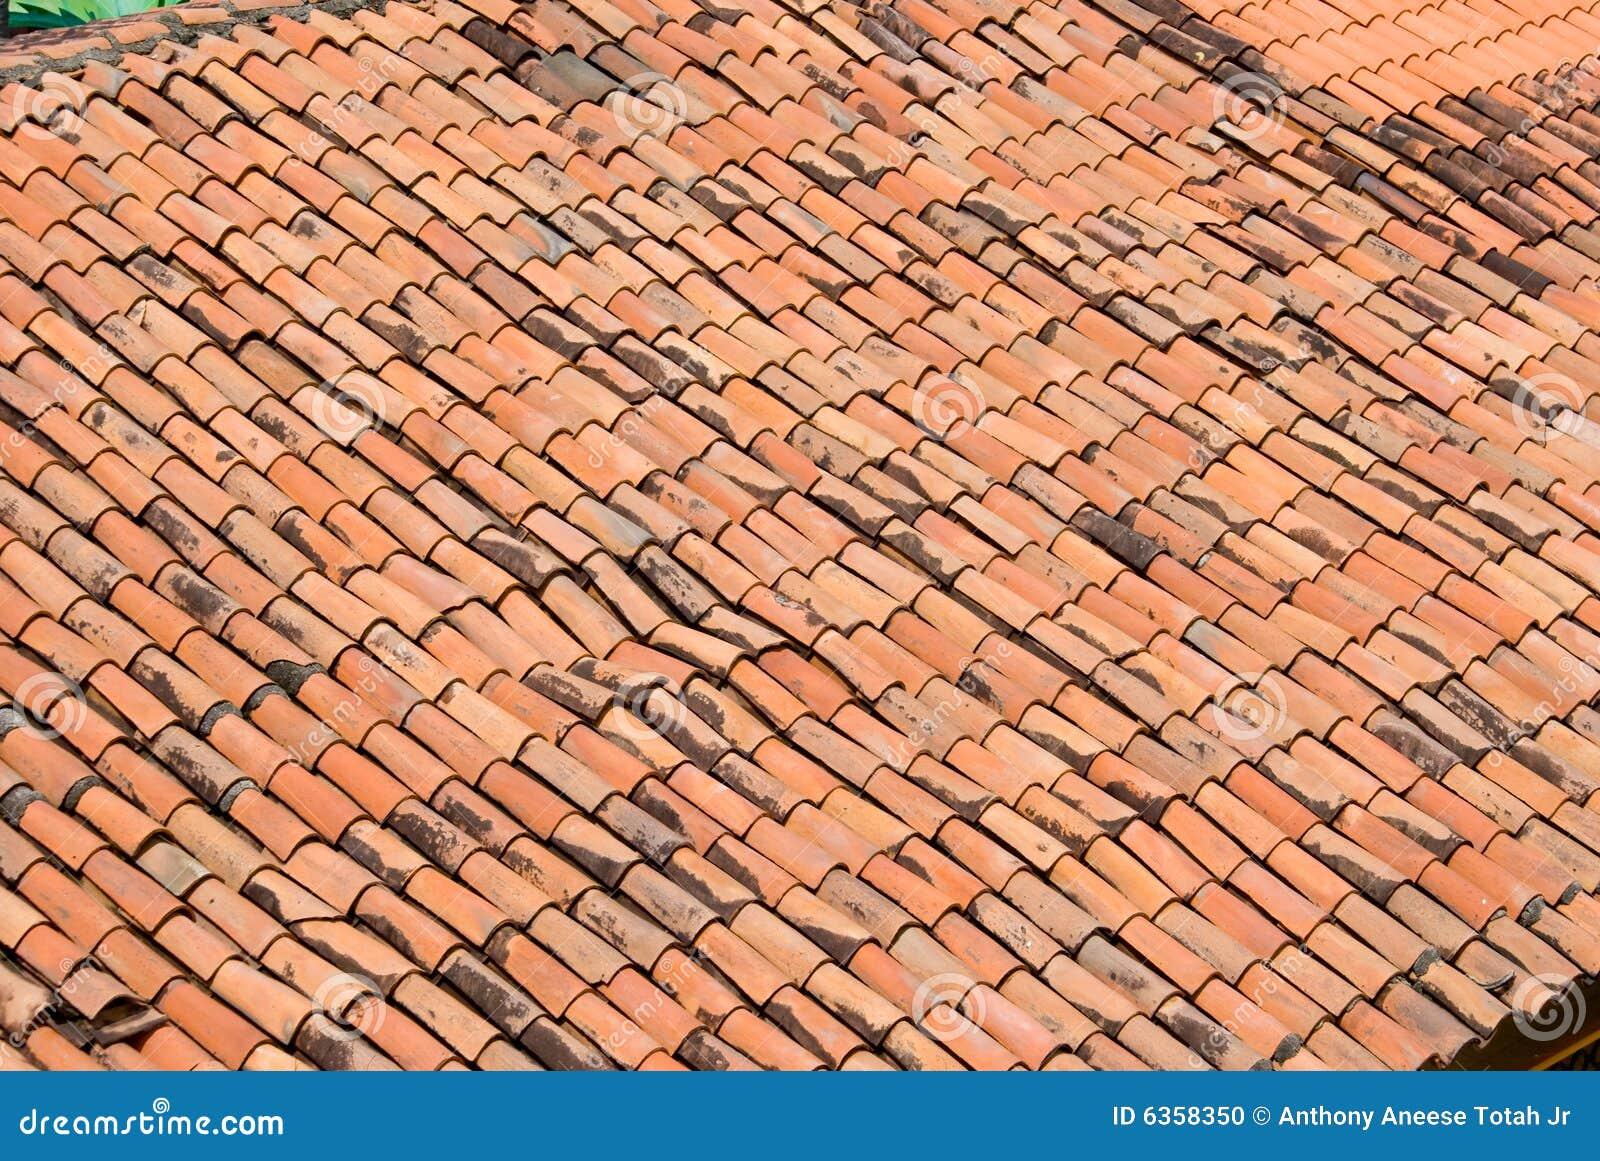 Terracotta Tile Roof Stock Photo Image Of Terracotta